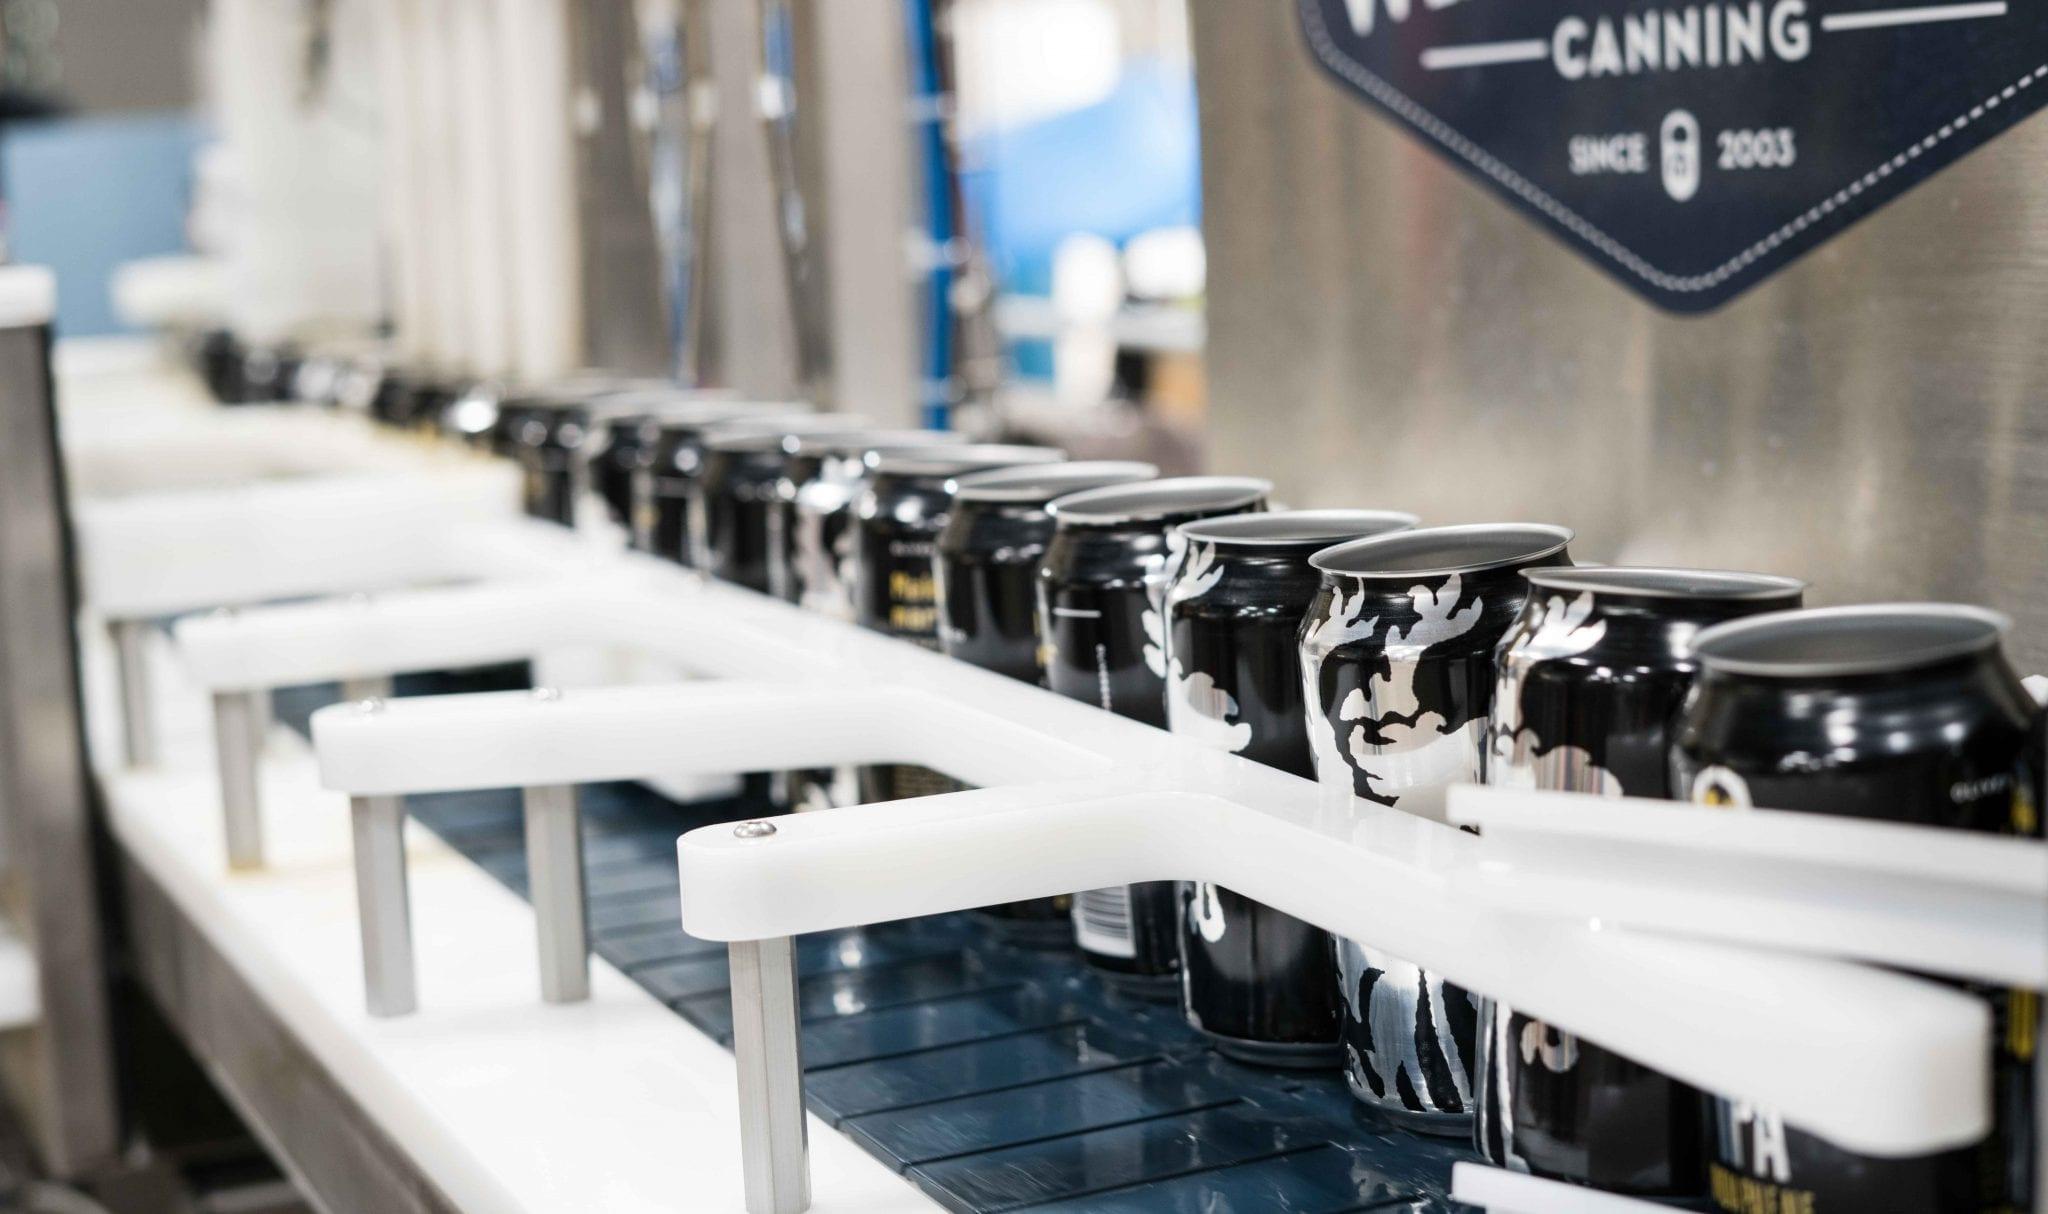 black cans evan-dvorkin-1480502-unsplash